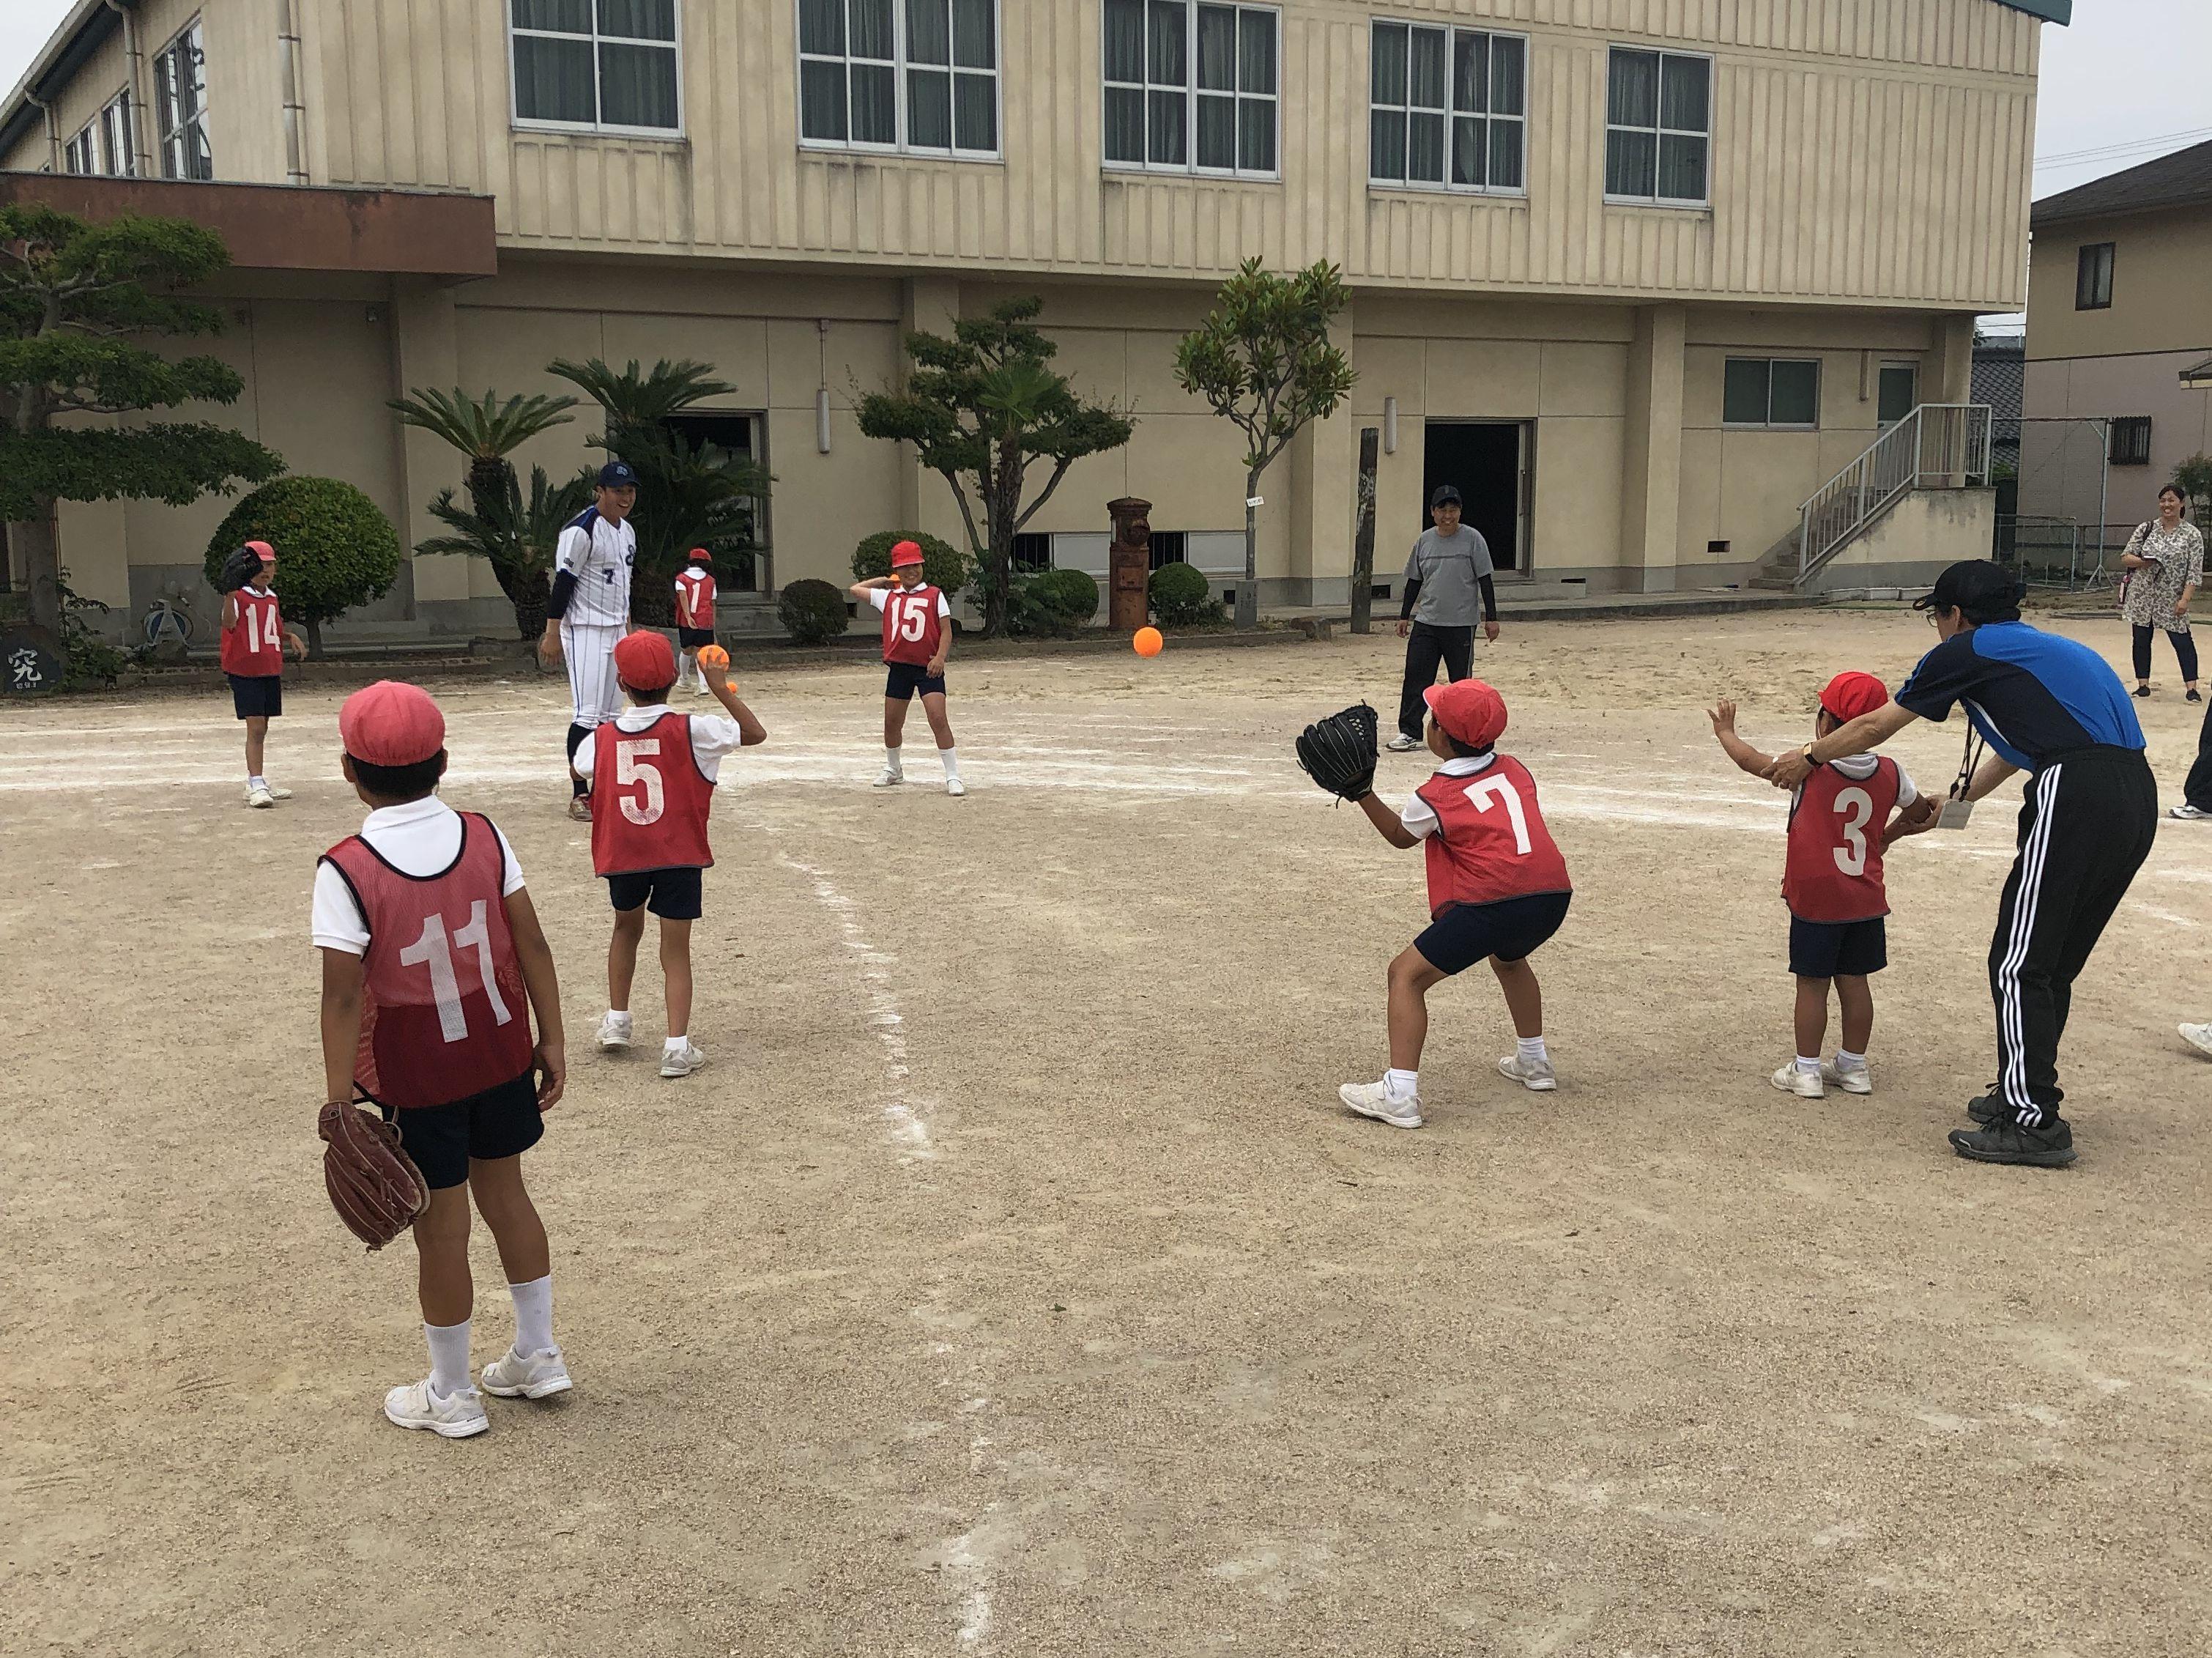 ツネイシブルーパイレーツ 内海小学校で野球教室を開催